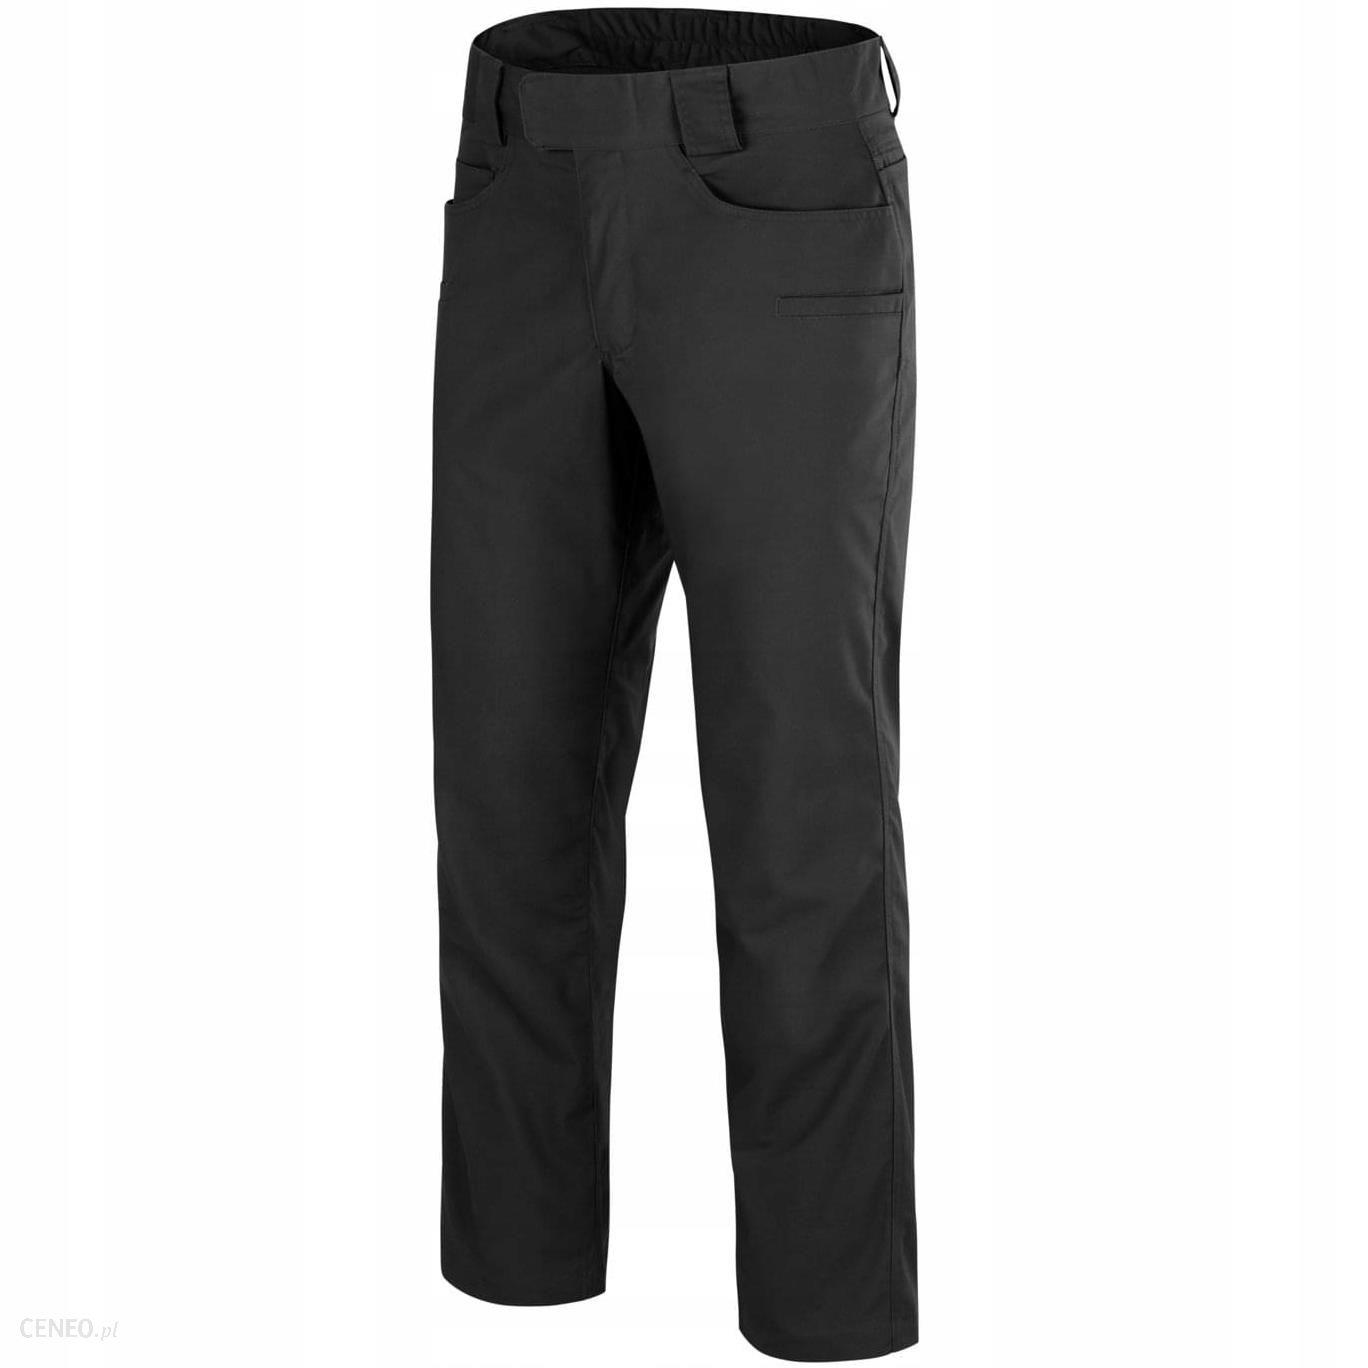 Spodnie Helikon Greyman DuraCanvas Czarny M-L